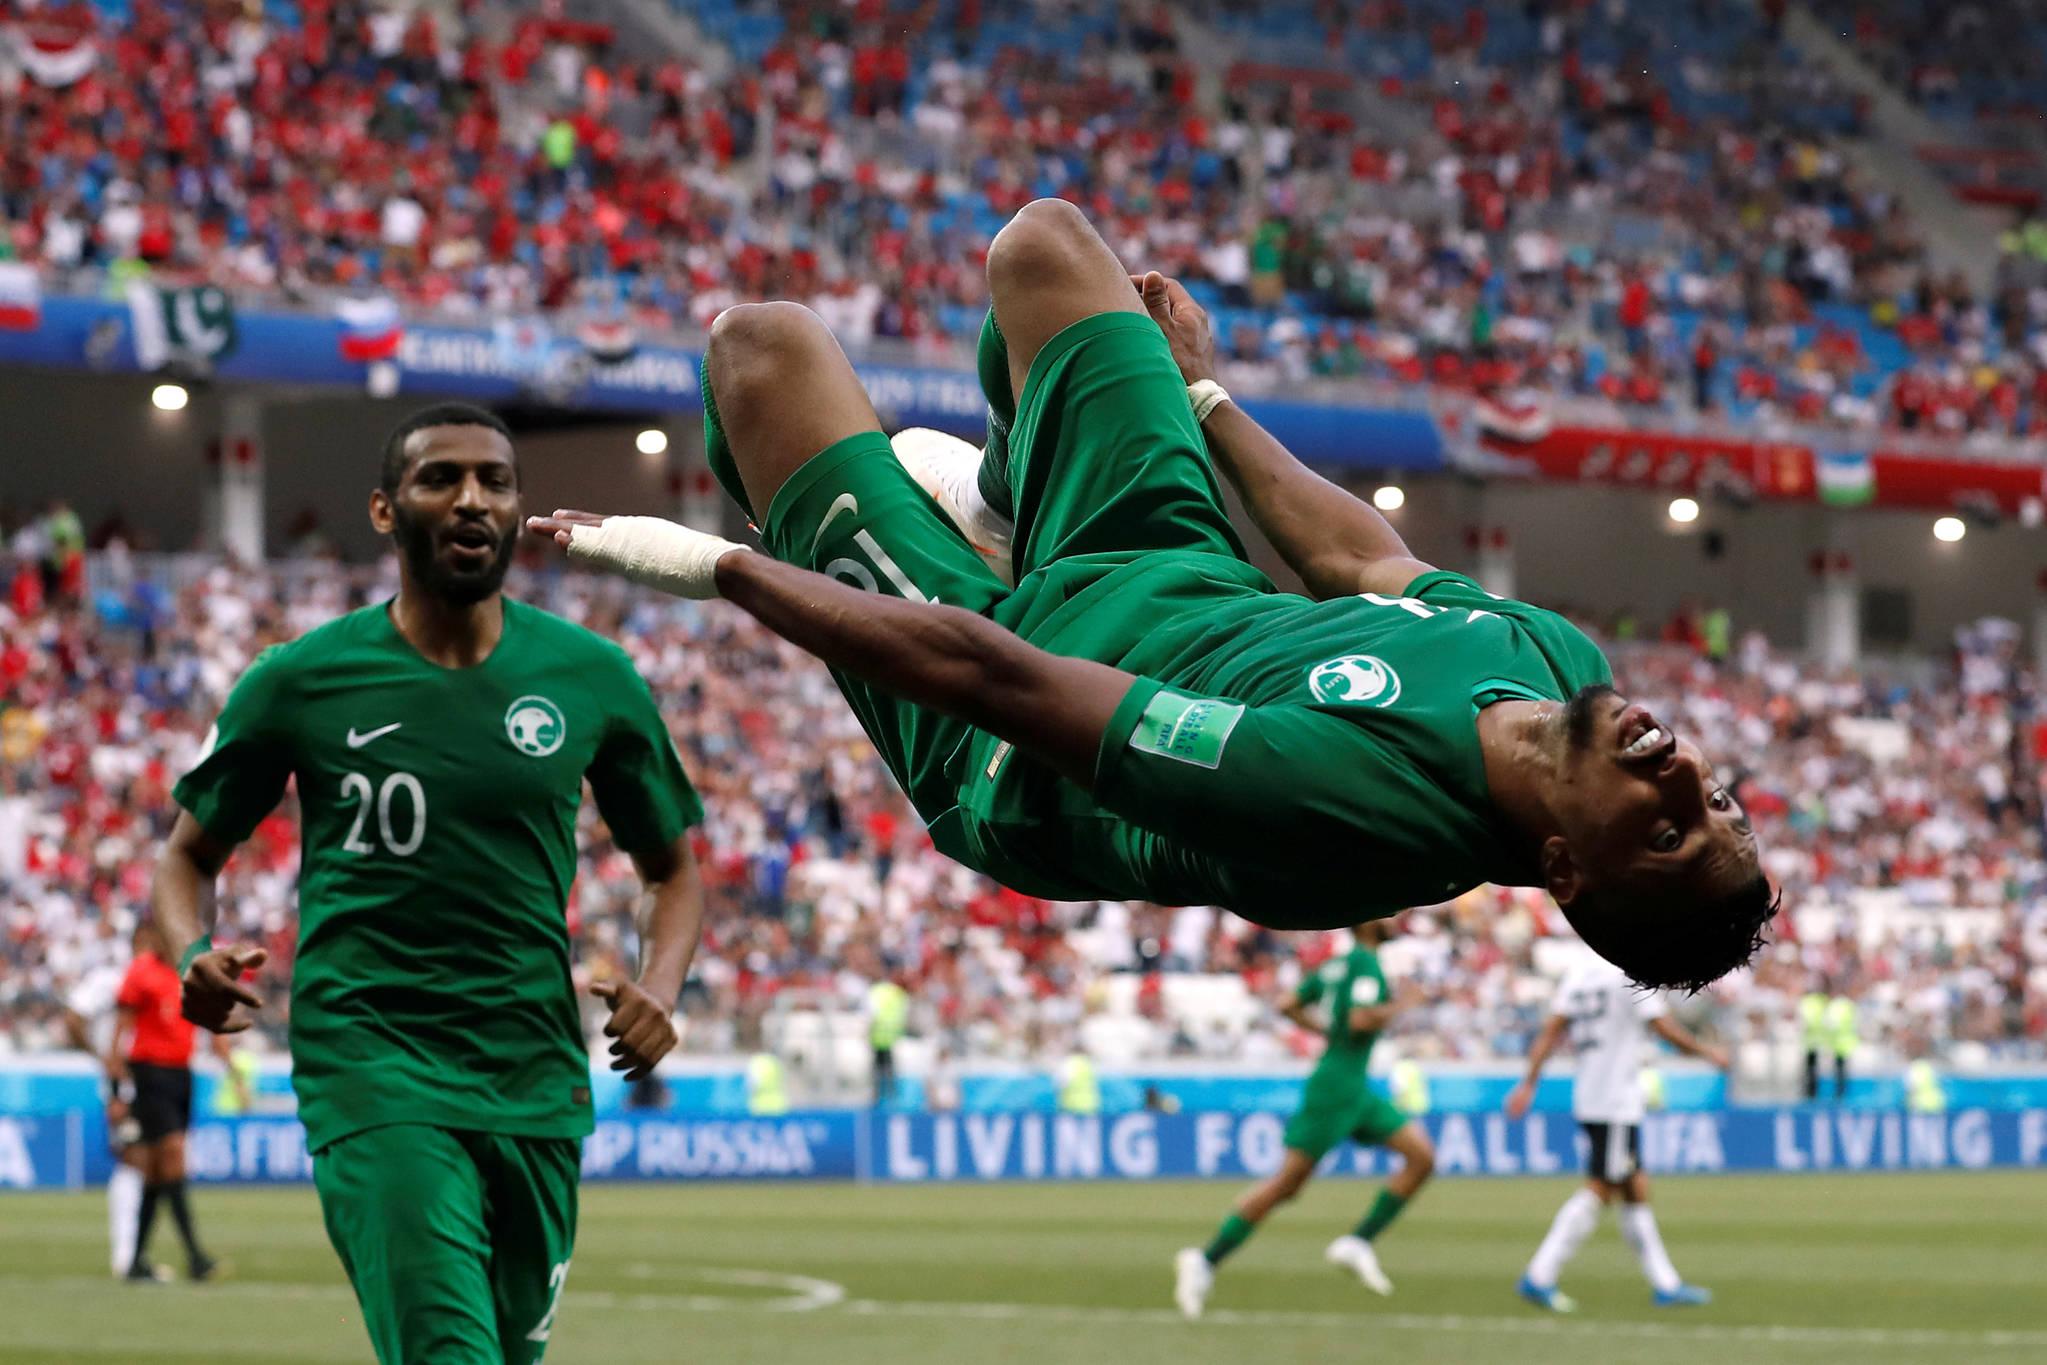 사우디아라비아의 살렘 알다사리가 지난달 25일 볼고그라드 경기장에서 열린 이집트와의 경기에서 득점한 후 공중돌기를 하고 있다.[연합뉴스]